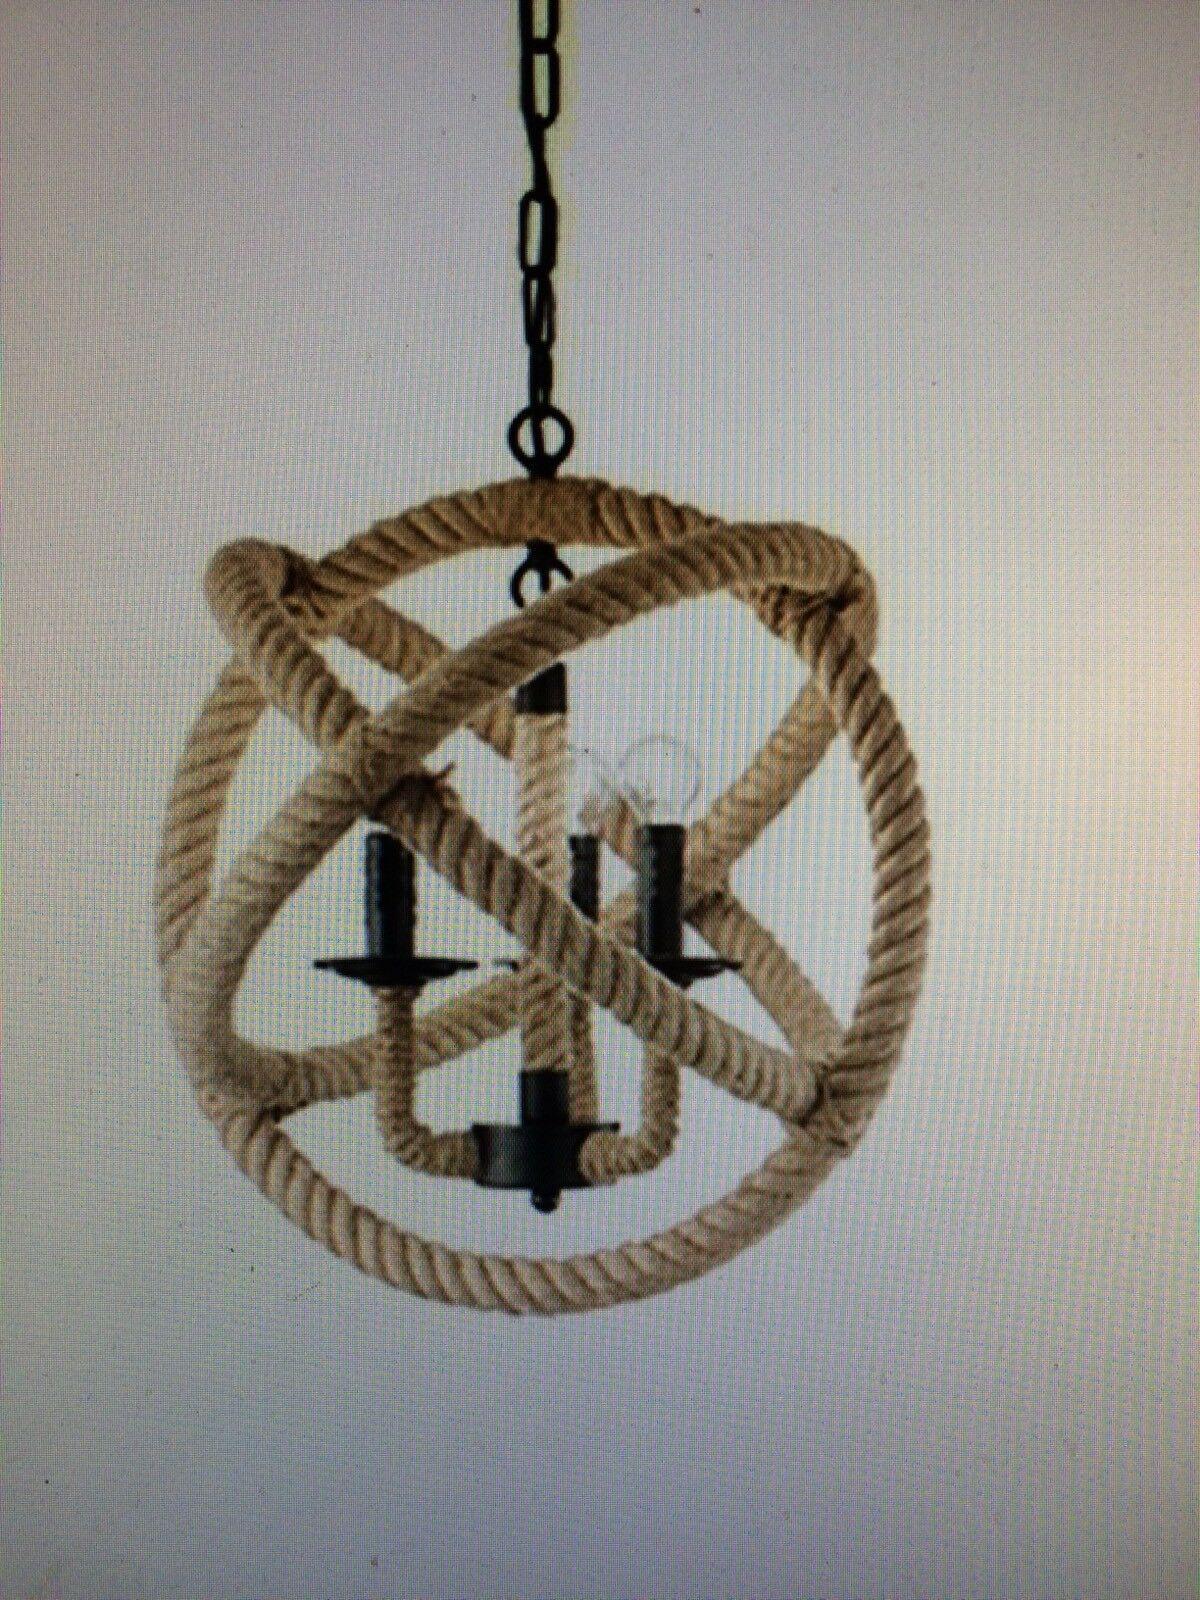 IDEAL-LUX-lampada-a-sospensione-Corda-Sp3-colore-corda-montatura-in-metallo-143096058454